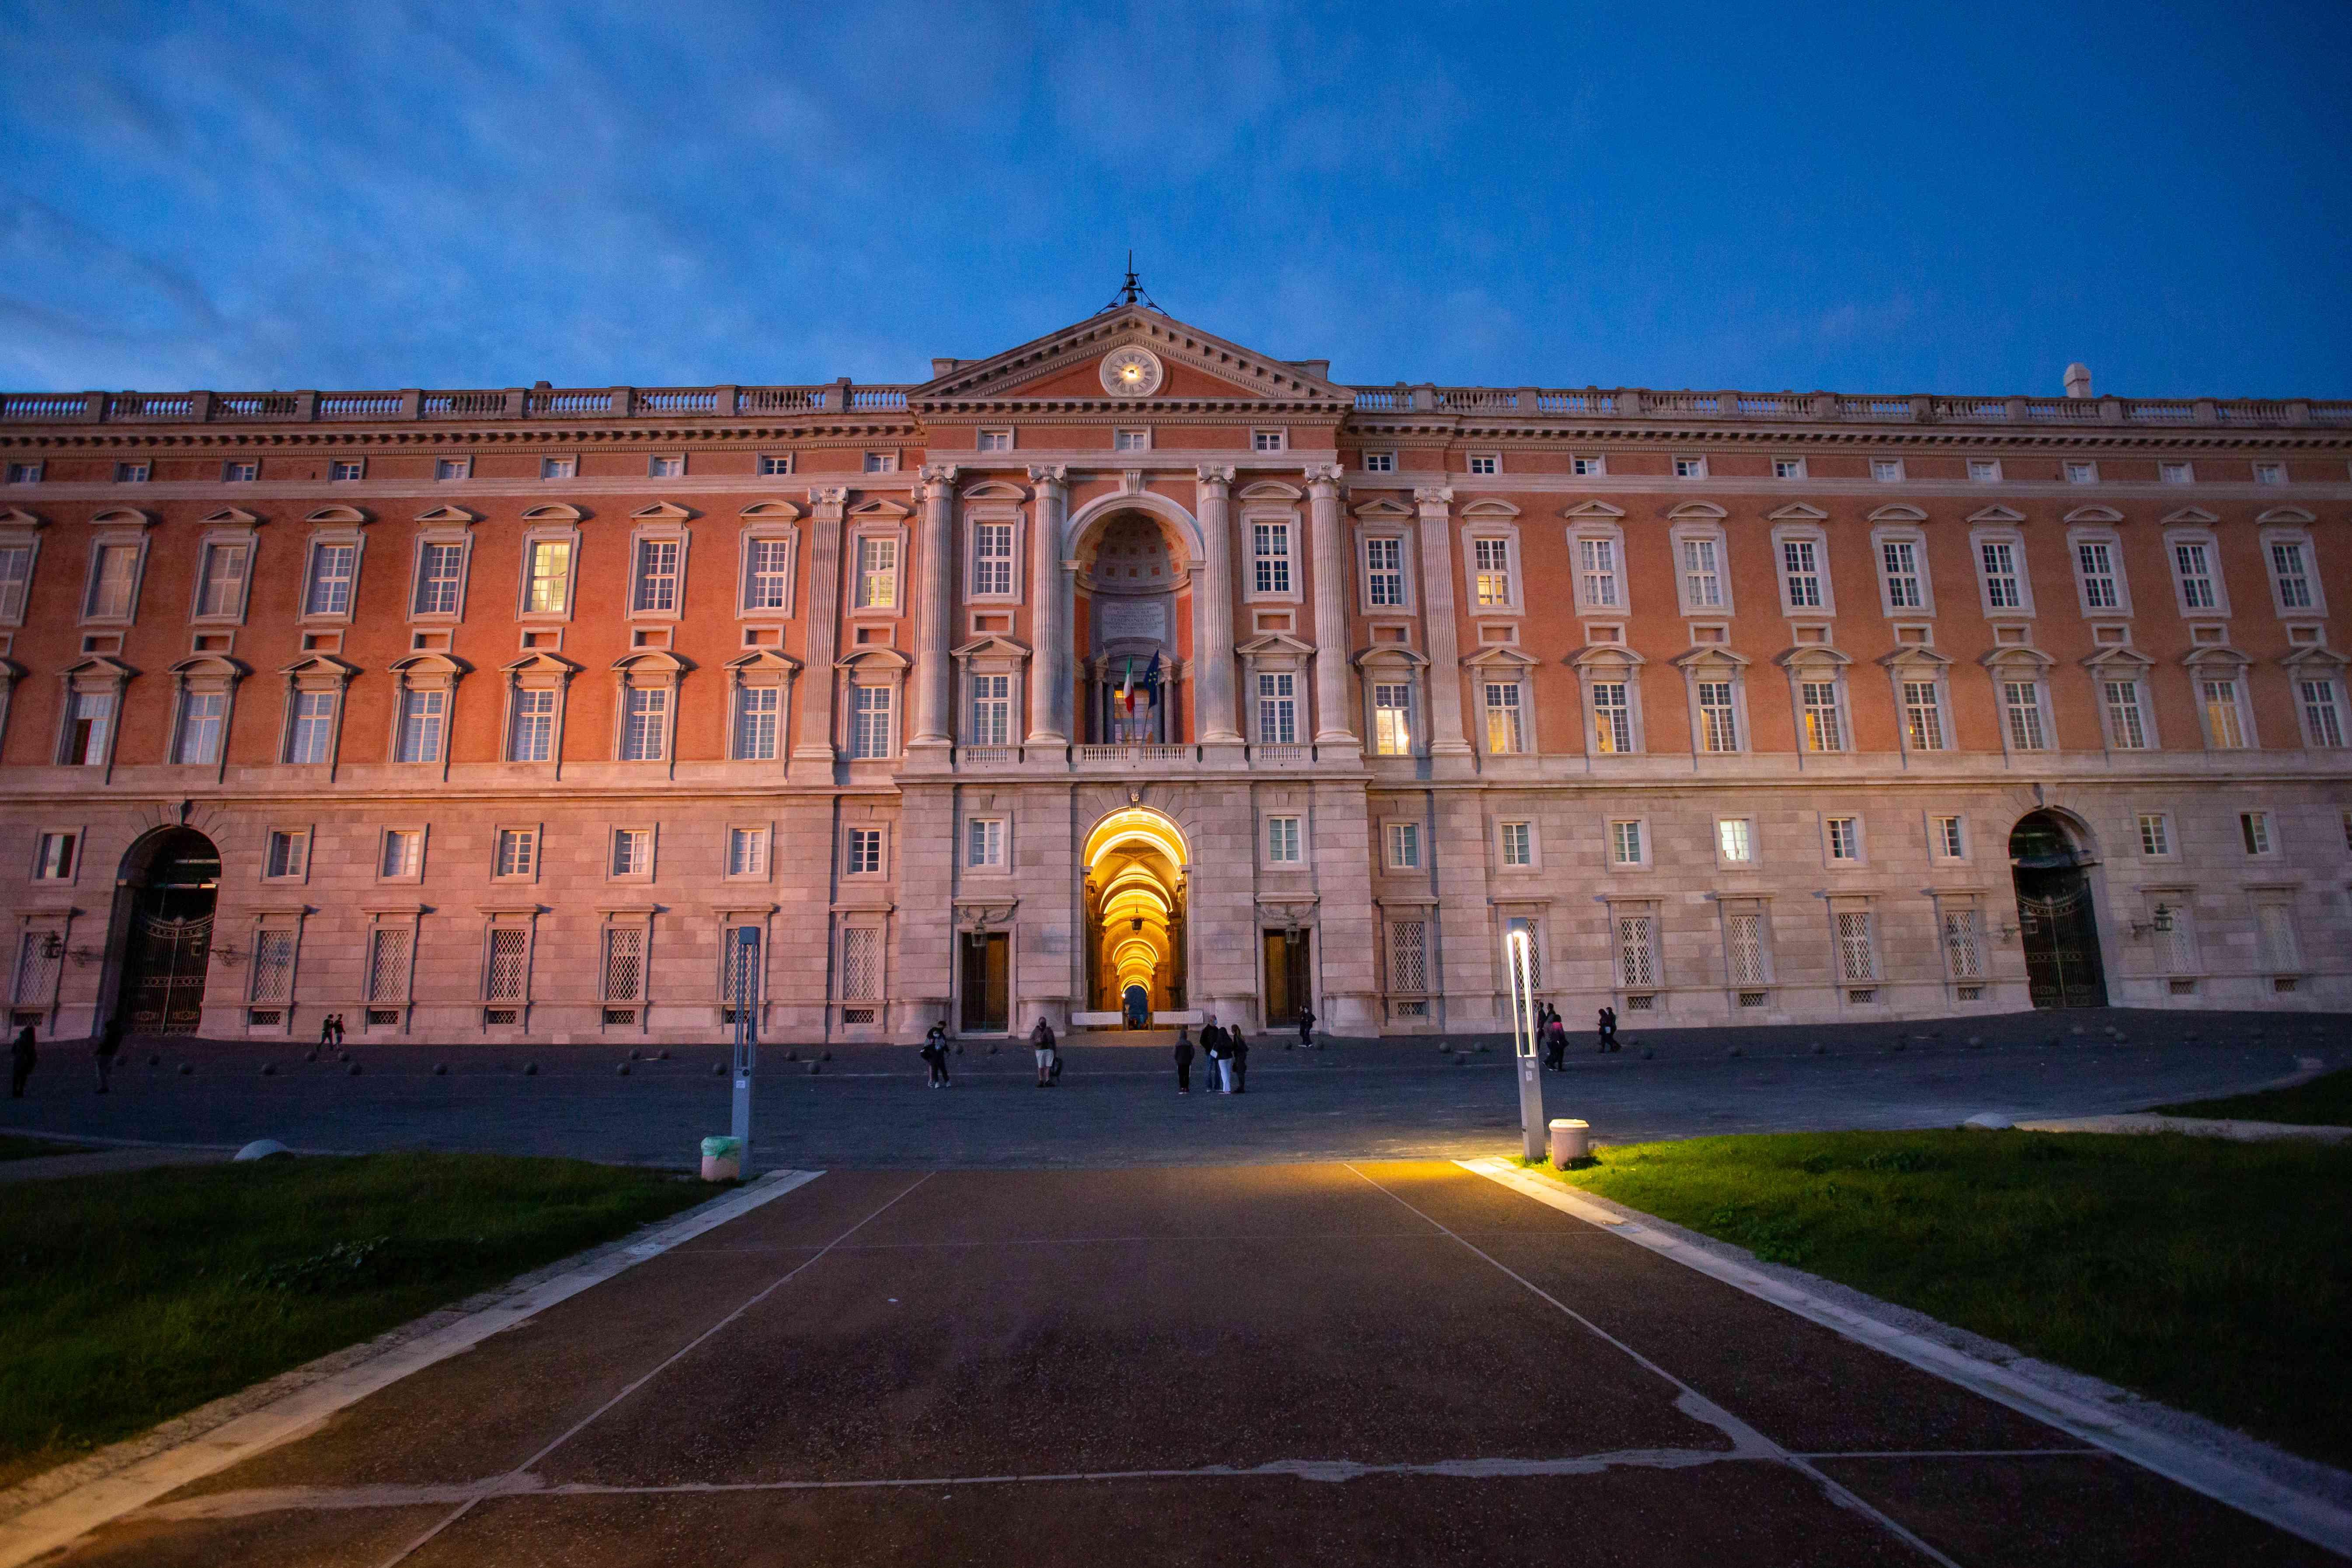 Caserta Royal Palace, Rome, Italy